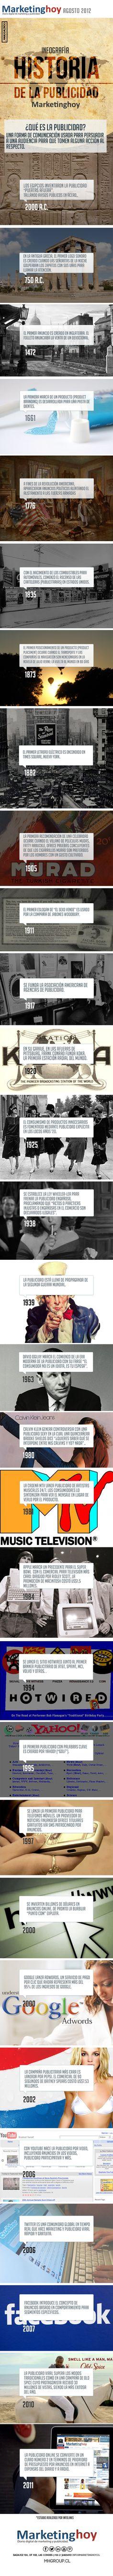 Historia de la publicidad #infografia